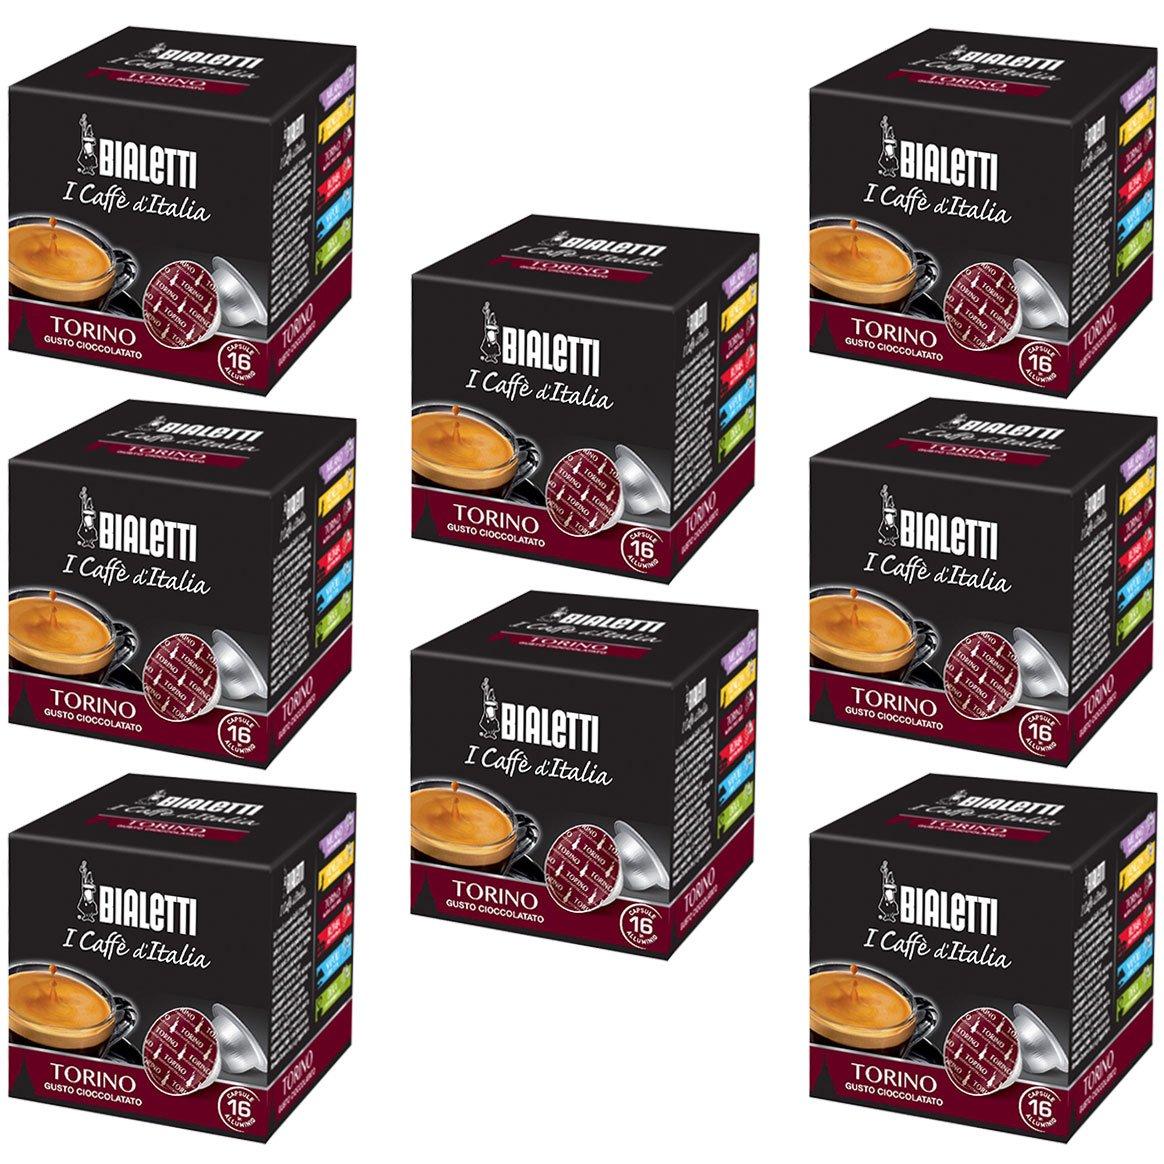 Bialetti Torino Espresso Capsules, 128 Count